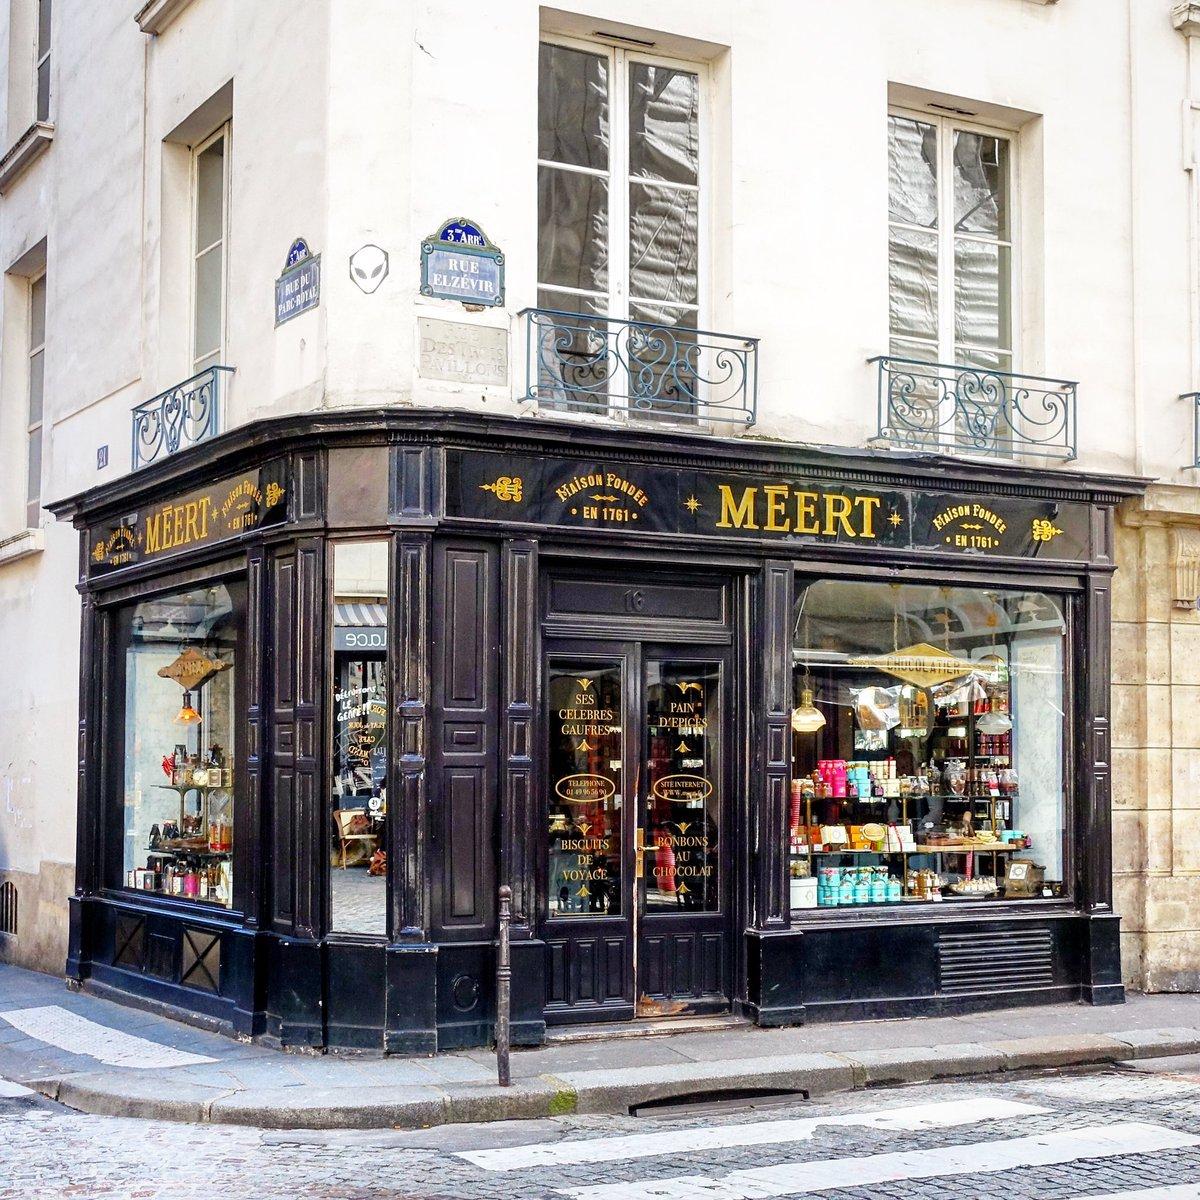 J'irais bien, en saut de puce, faire une petite visite chez Meert rue Elzévir pour croquer une douceur. Bientôt, bientôt  - Paris 3  #parisladouce #paris #oldshop #pariscartepostale #parisjetaime #cityguide #pariscityguide #paris3 #meert #streetsofparis #thisisparis #parismaville